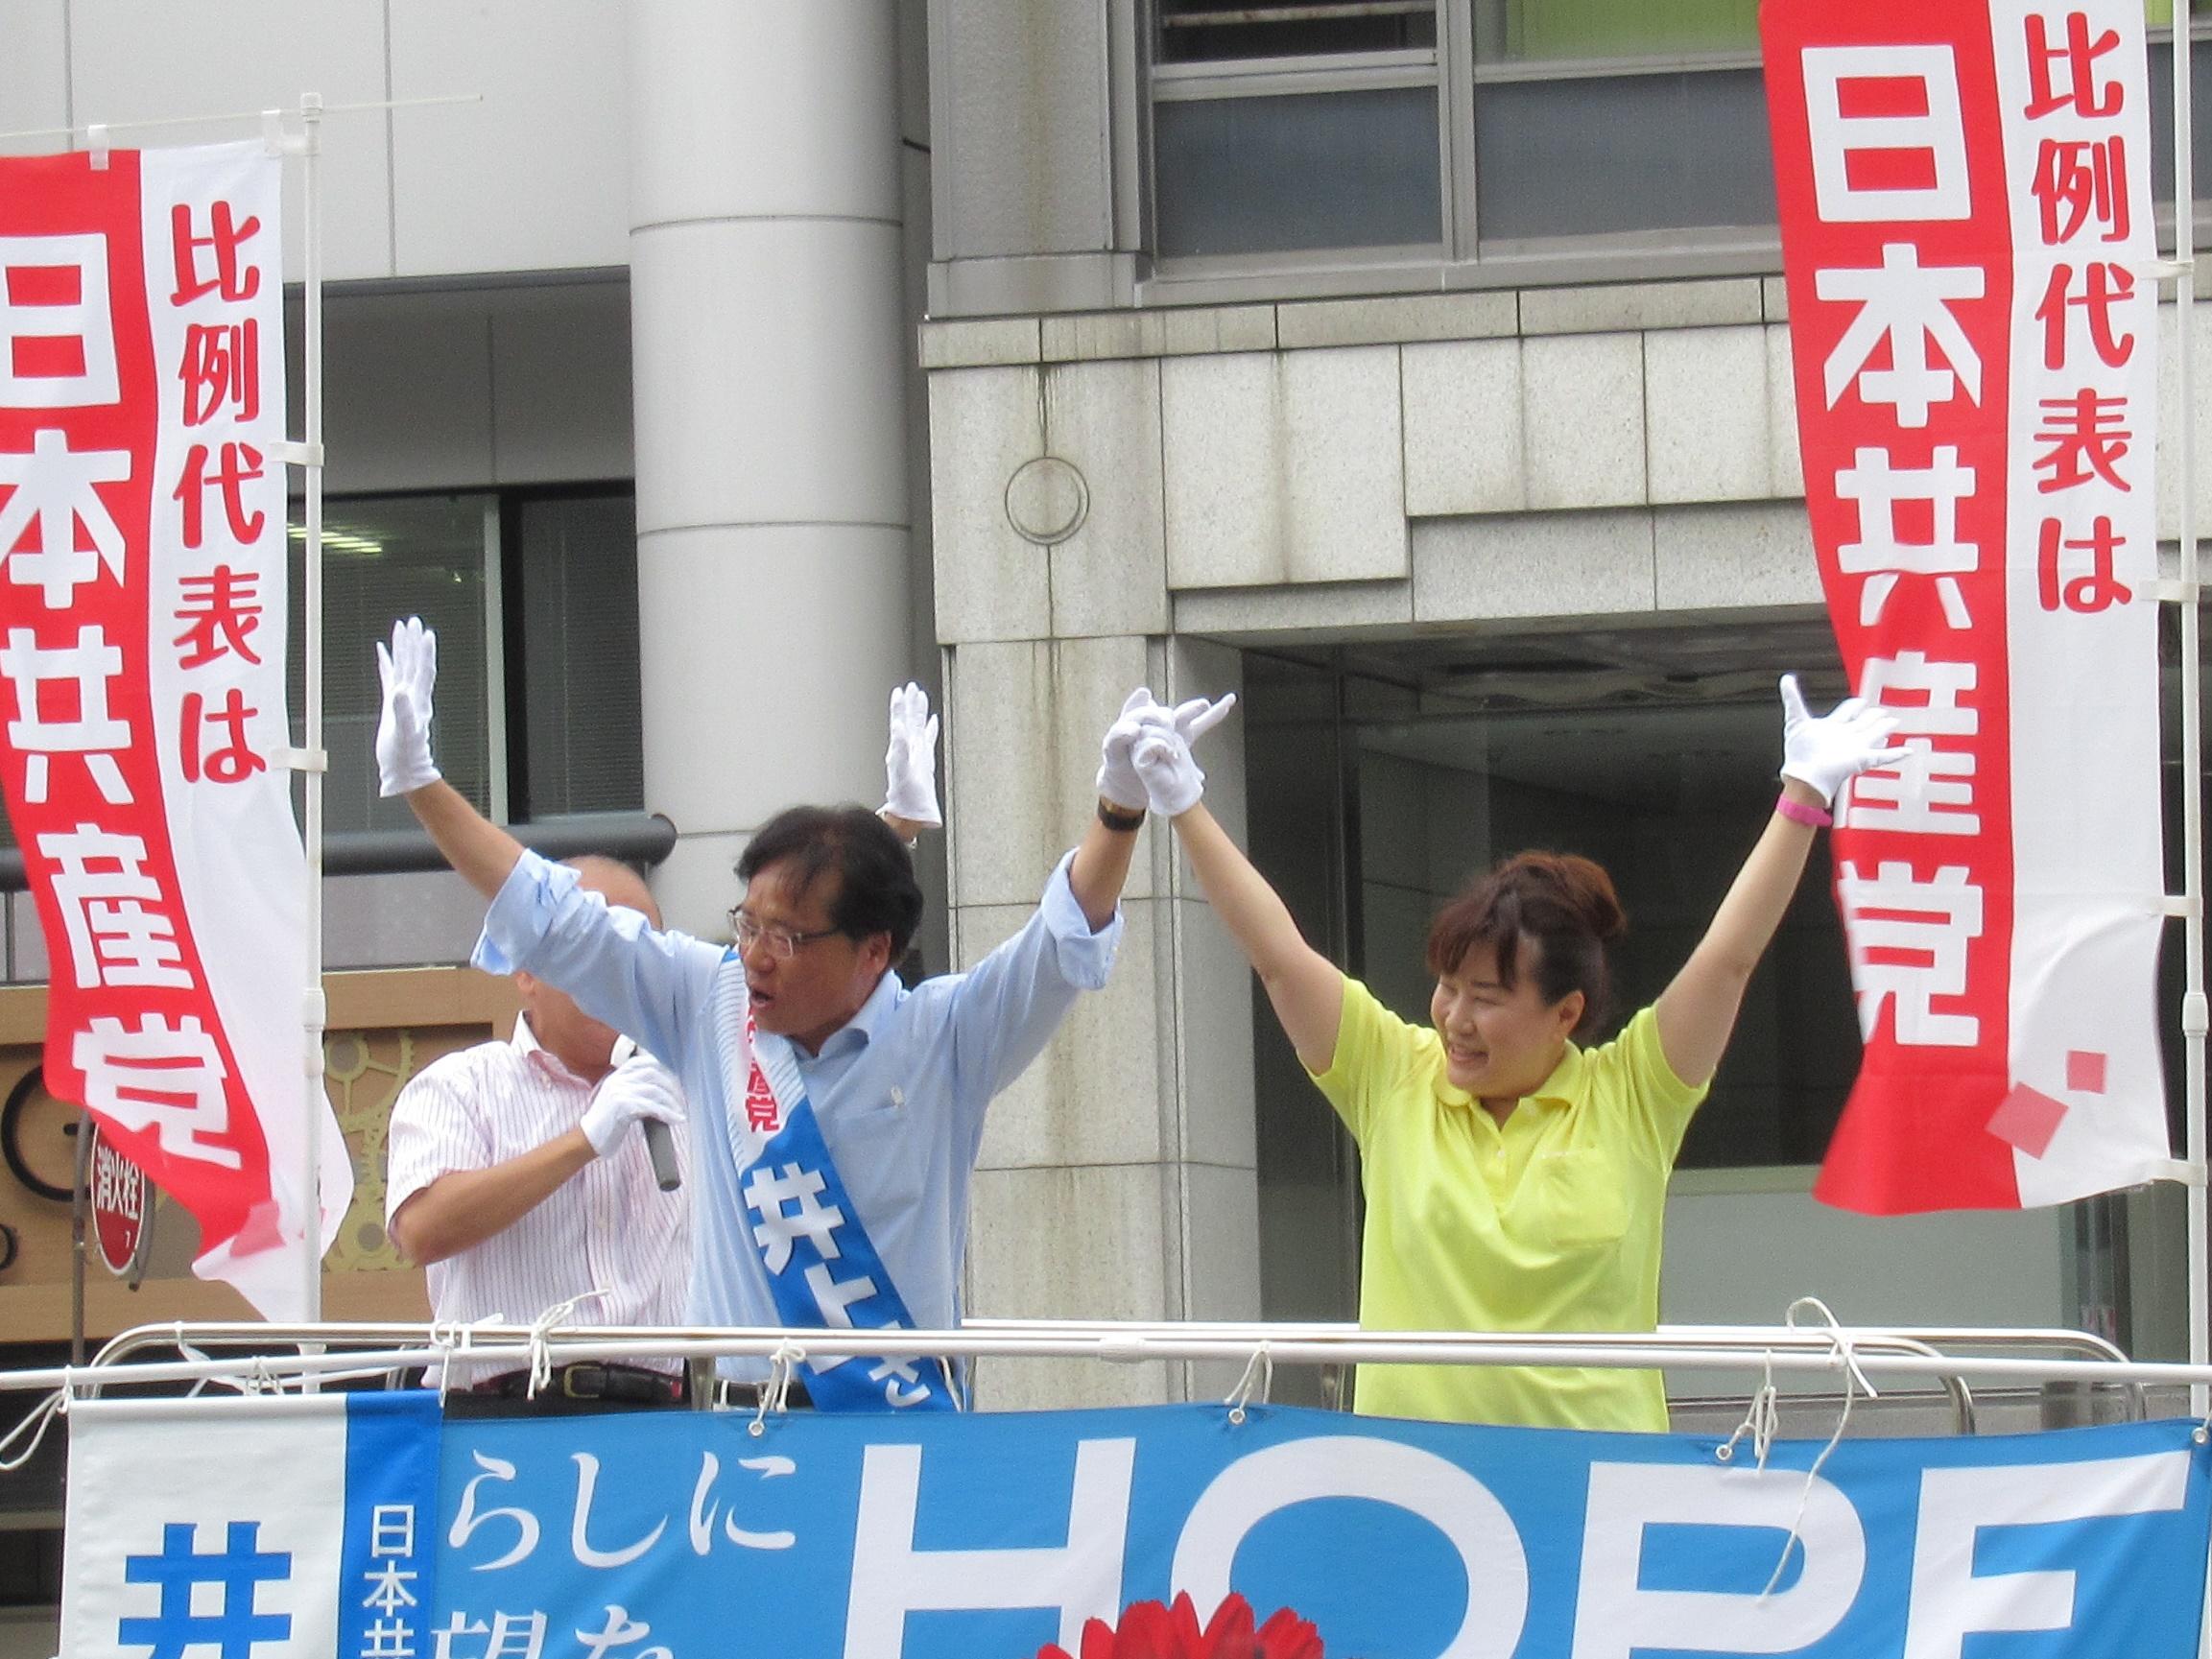 http://www.inoue-satoshi.com/diary/IMG_1163.JPG